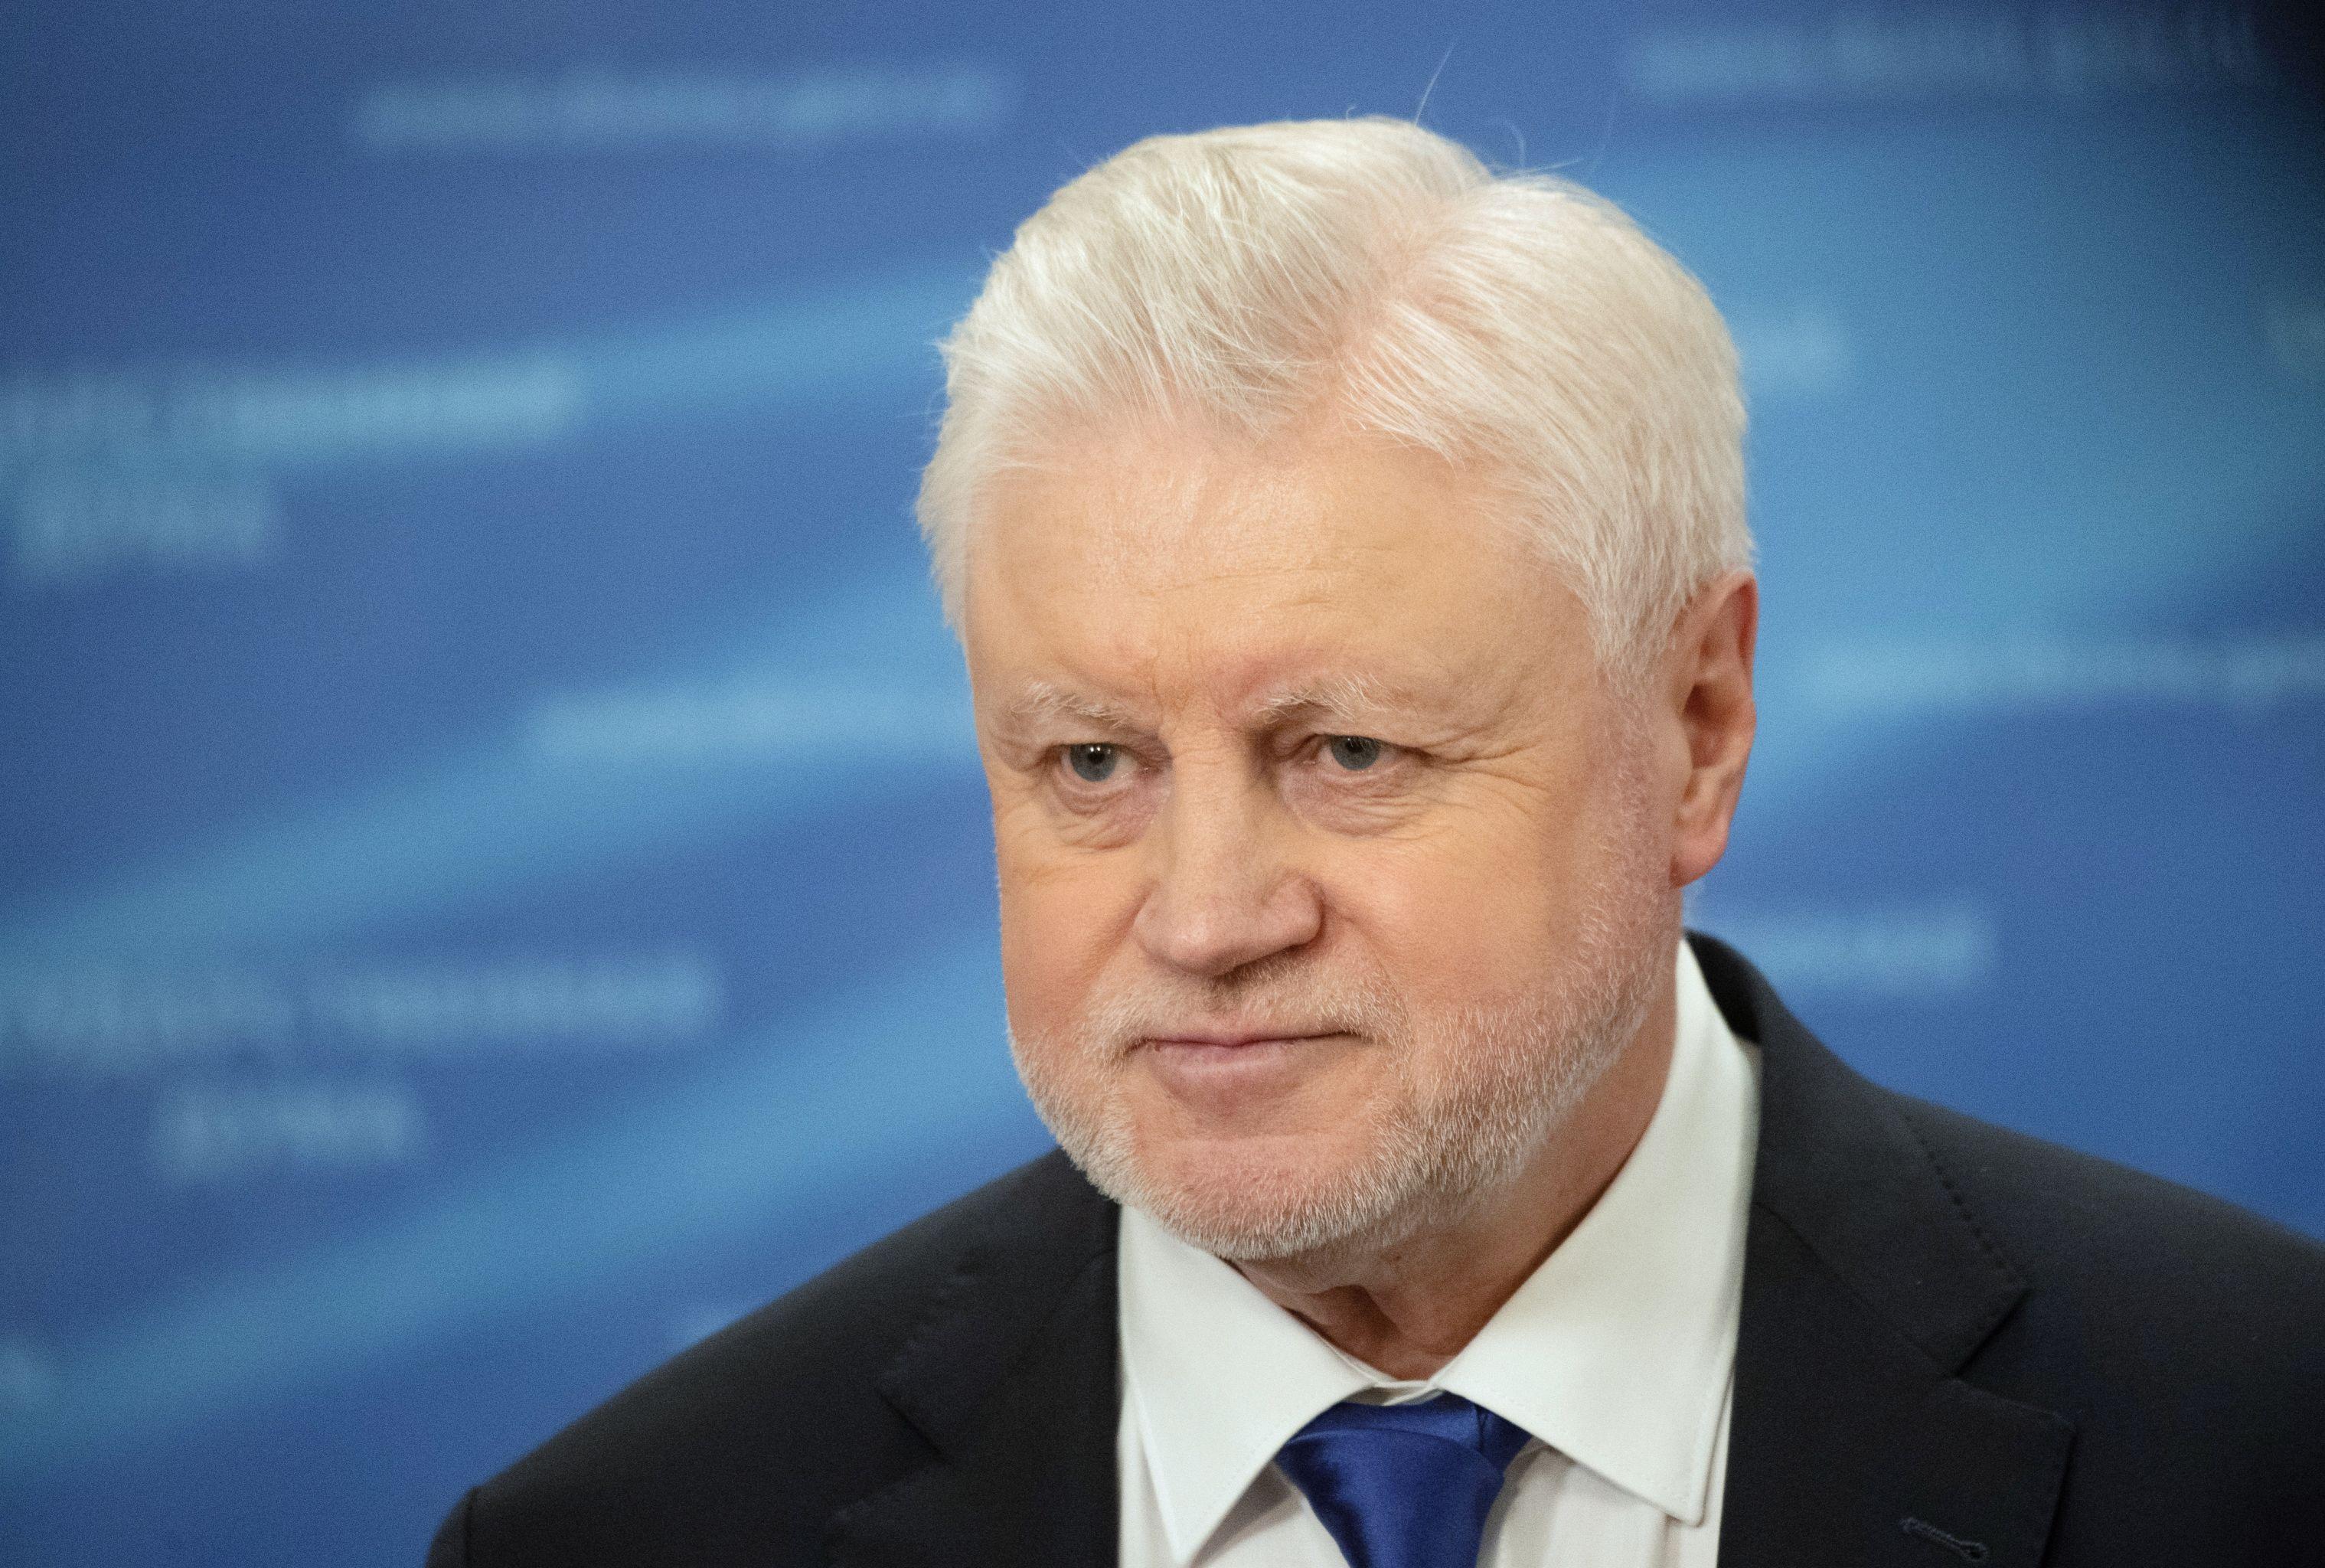 Руководитель фракции Справедливая Россия Сергей Миронов выступает перед журналистами в Государственной Думе РФ. 19 января проводится первое пленарное заседание весенней сессии Госдумы.